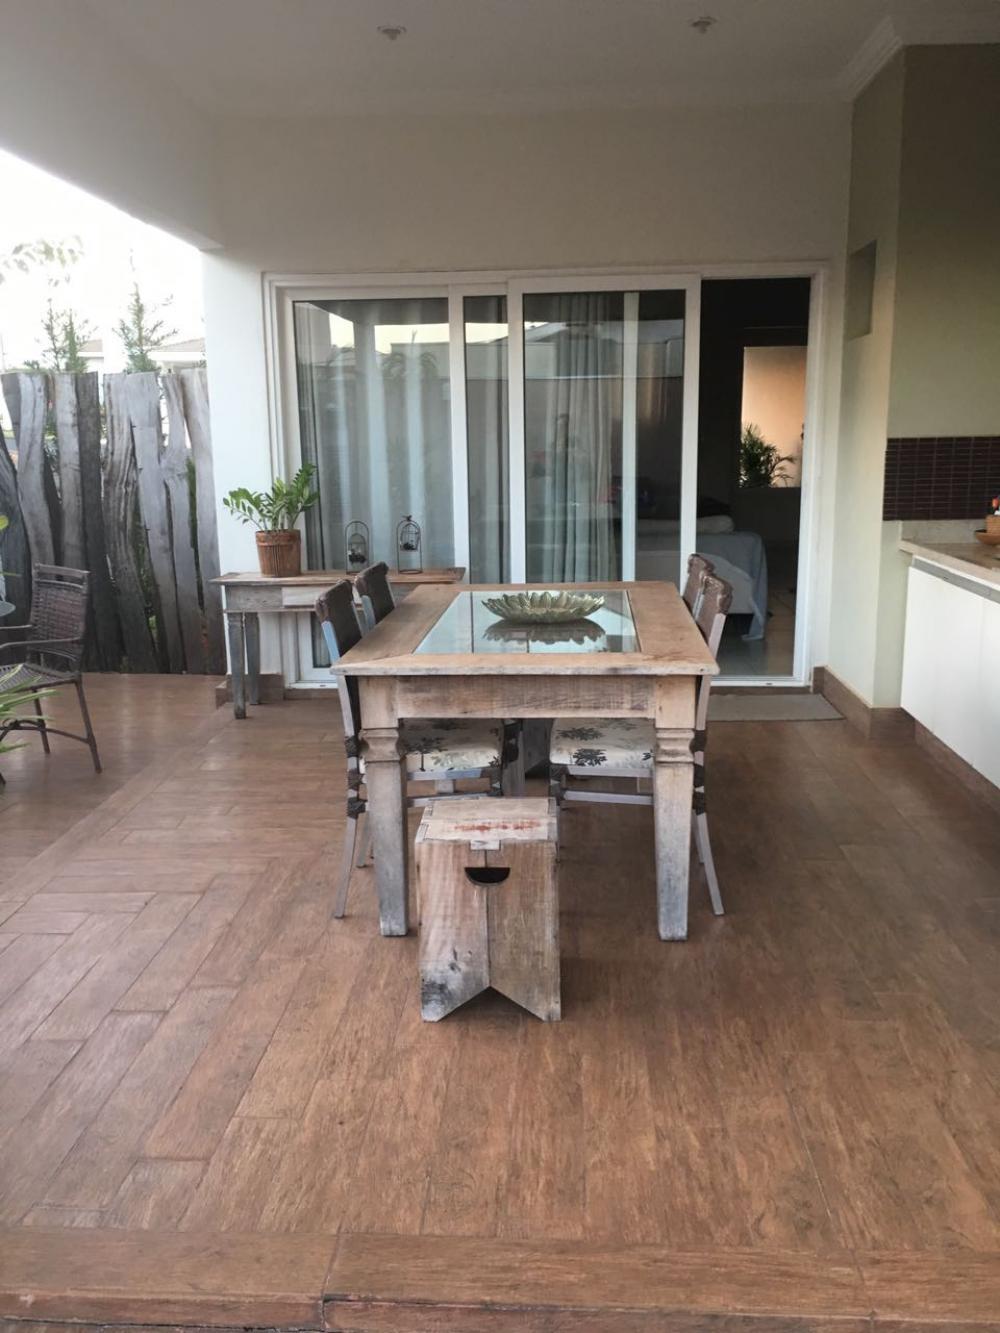 SAO JOSE DO RIO PRETO Casa Venda R$690.000,00 Condominio R$390,00 3 Dormitorios 1 Suite Area do terreno 400.00m2 Area construida 210.00m2